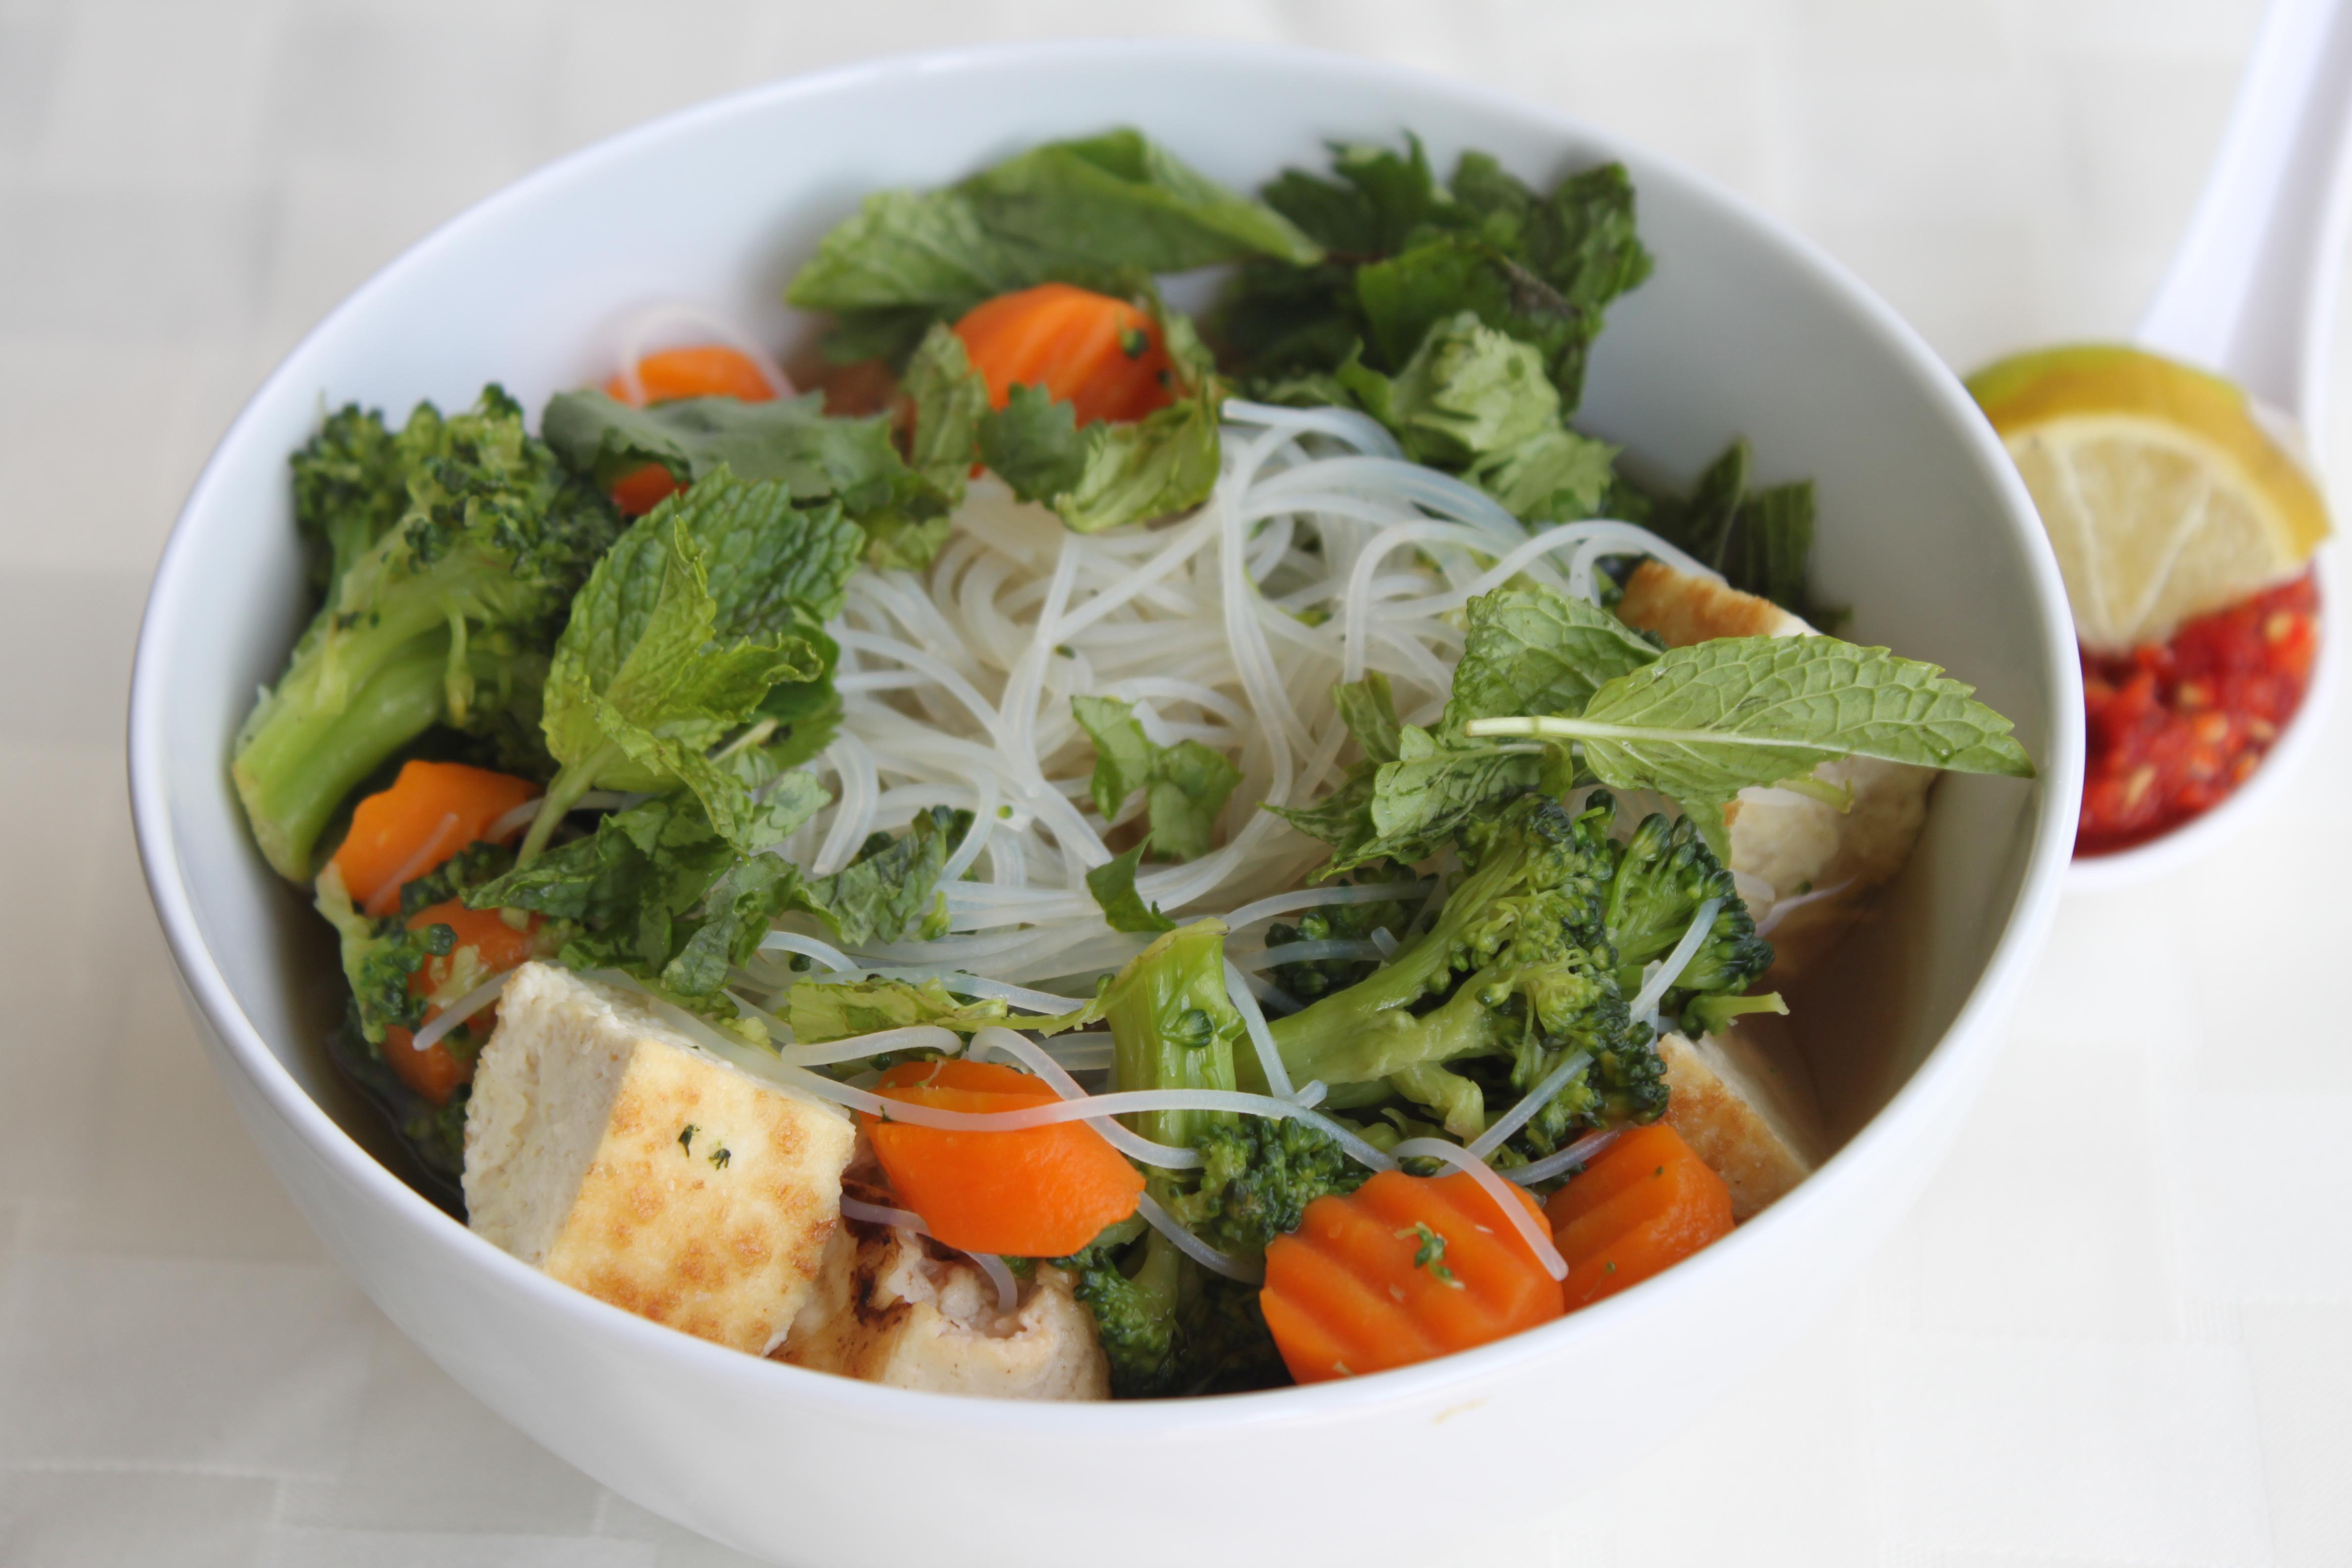 Vegan Pho (Vietnamese Noodle Soup) | Eat,live,burp